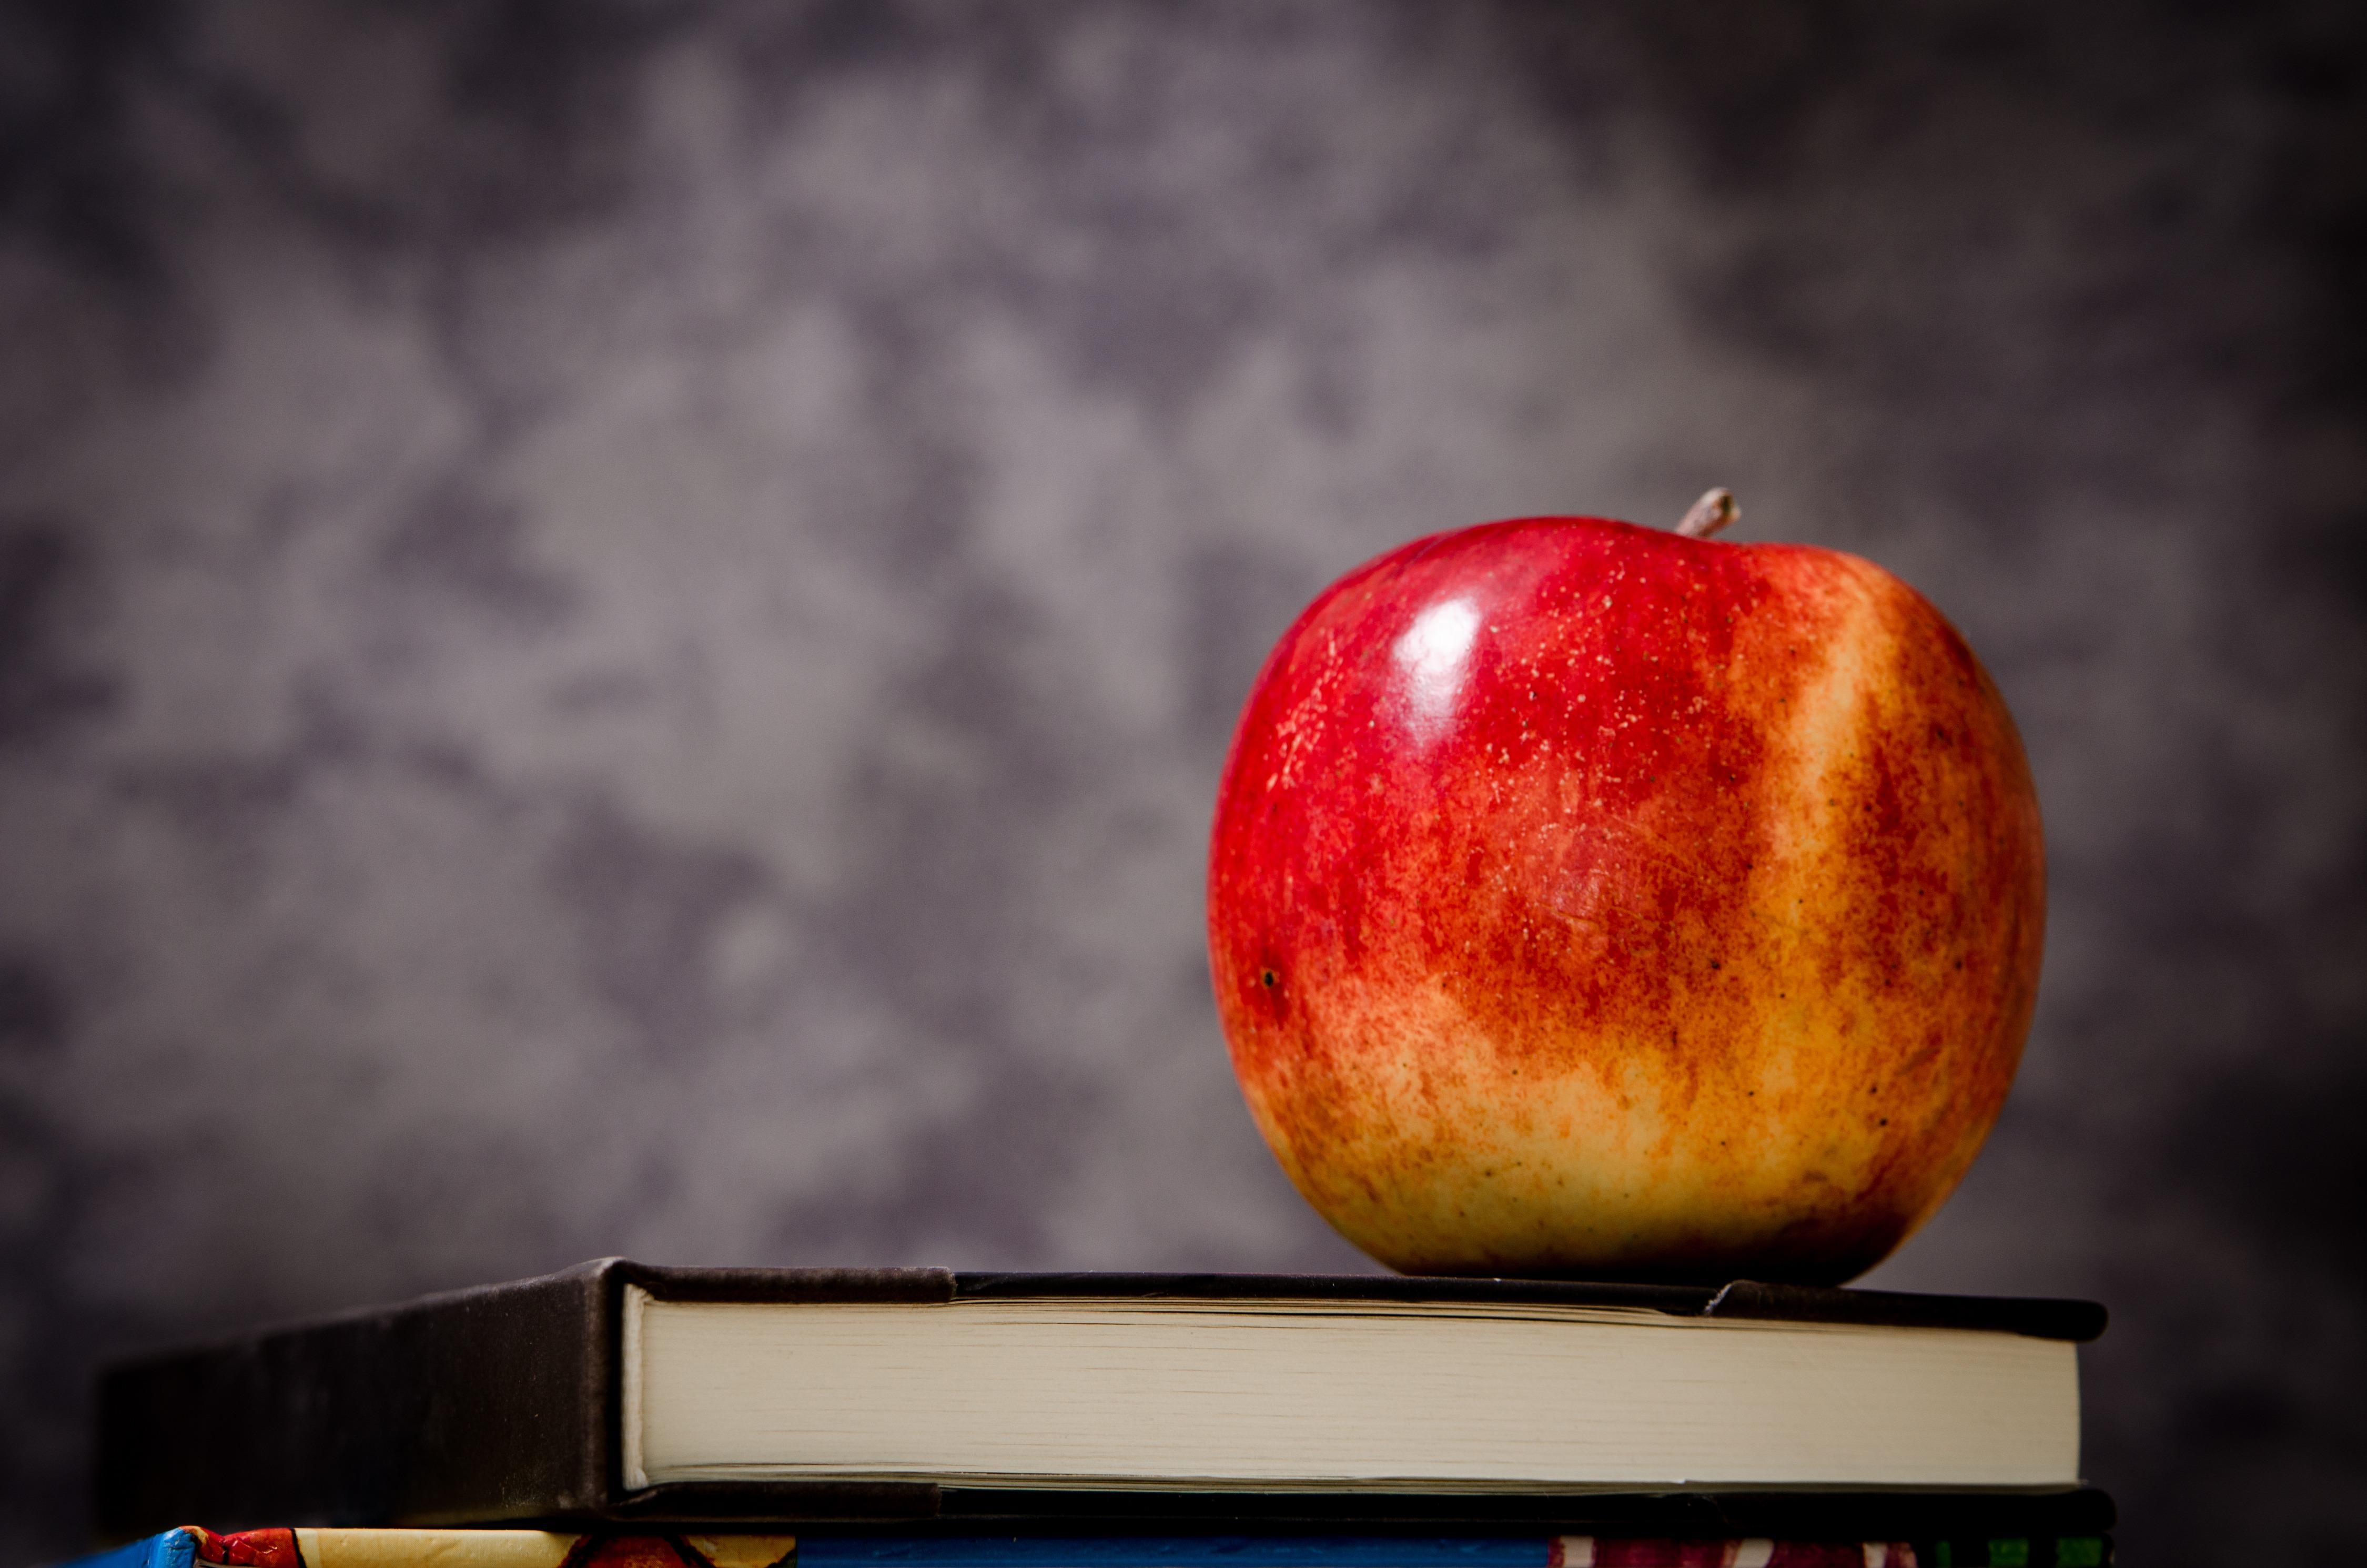 Immagini Belle Mela Libro Frutta Fiore Cibo Rosso Produrre